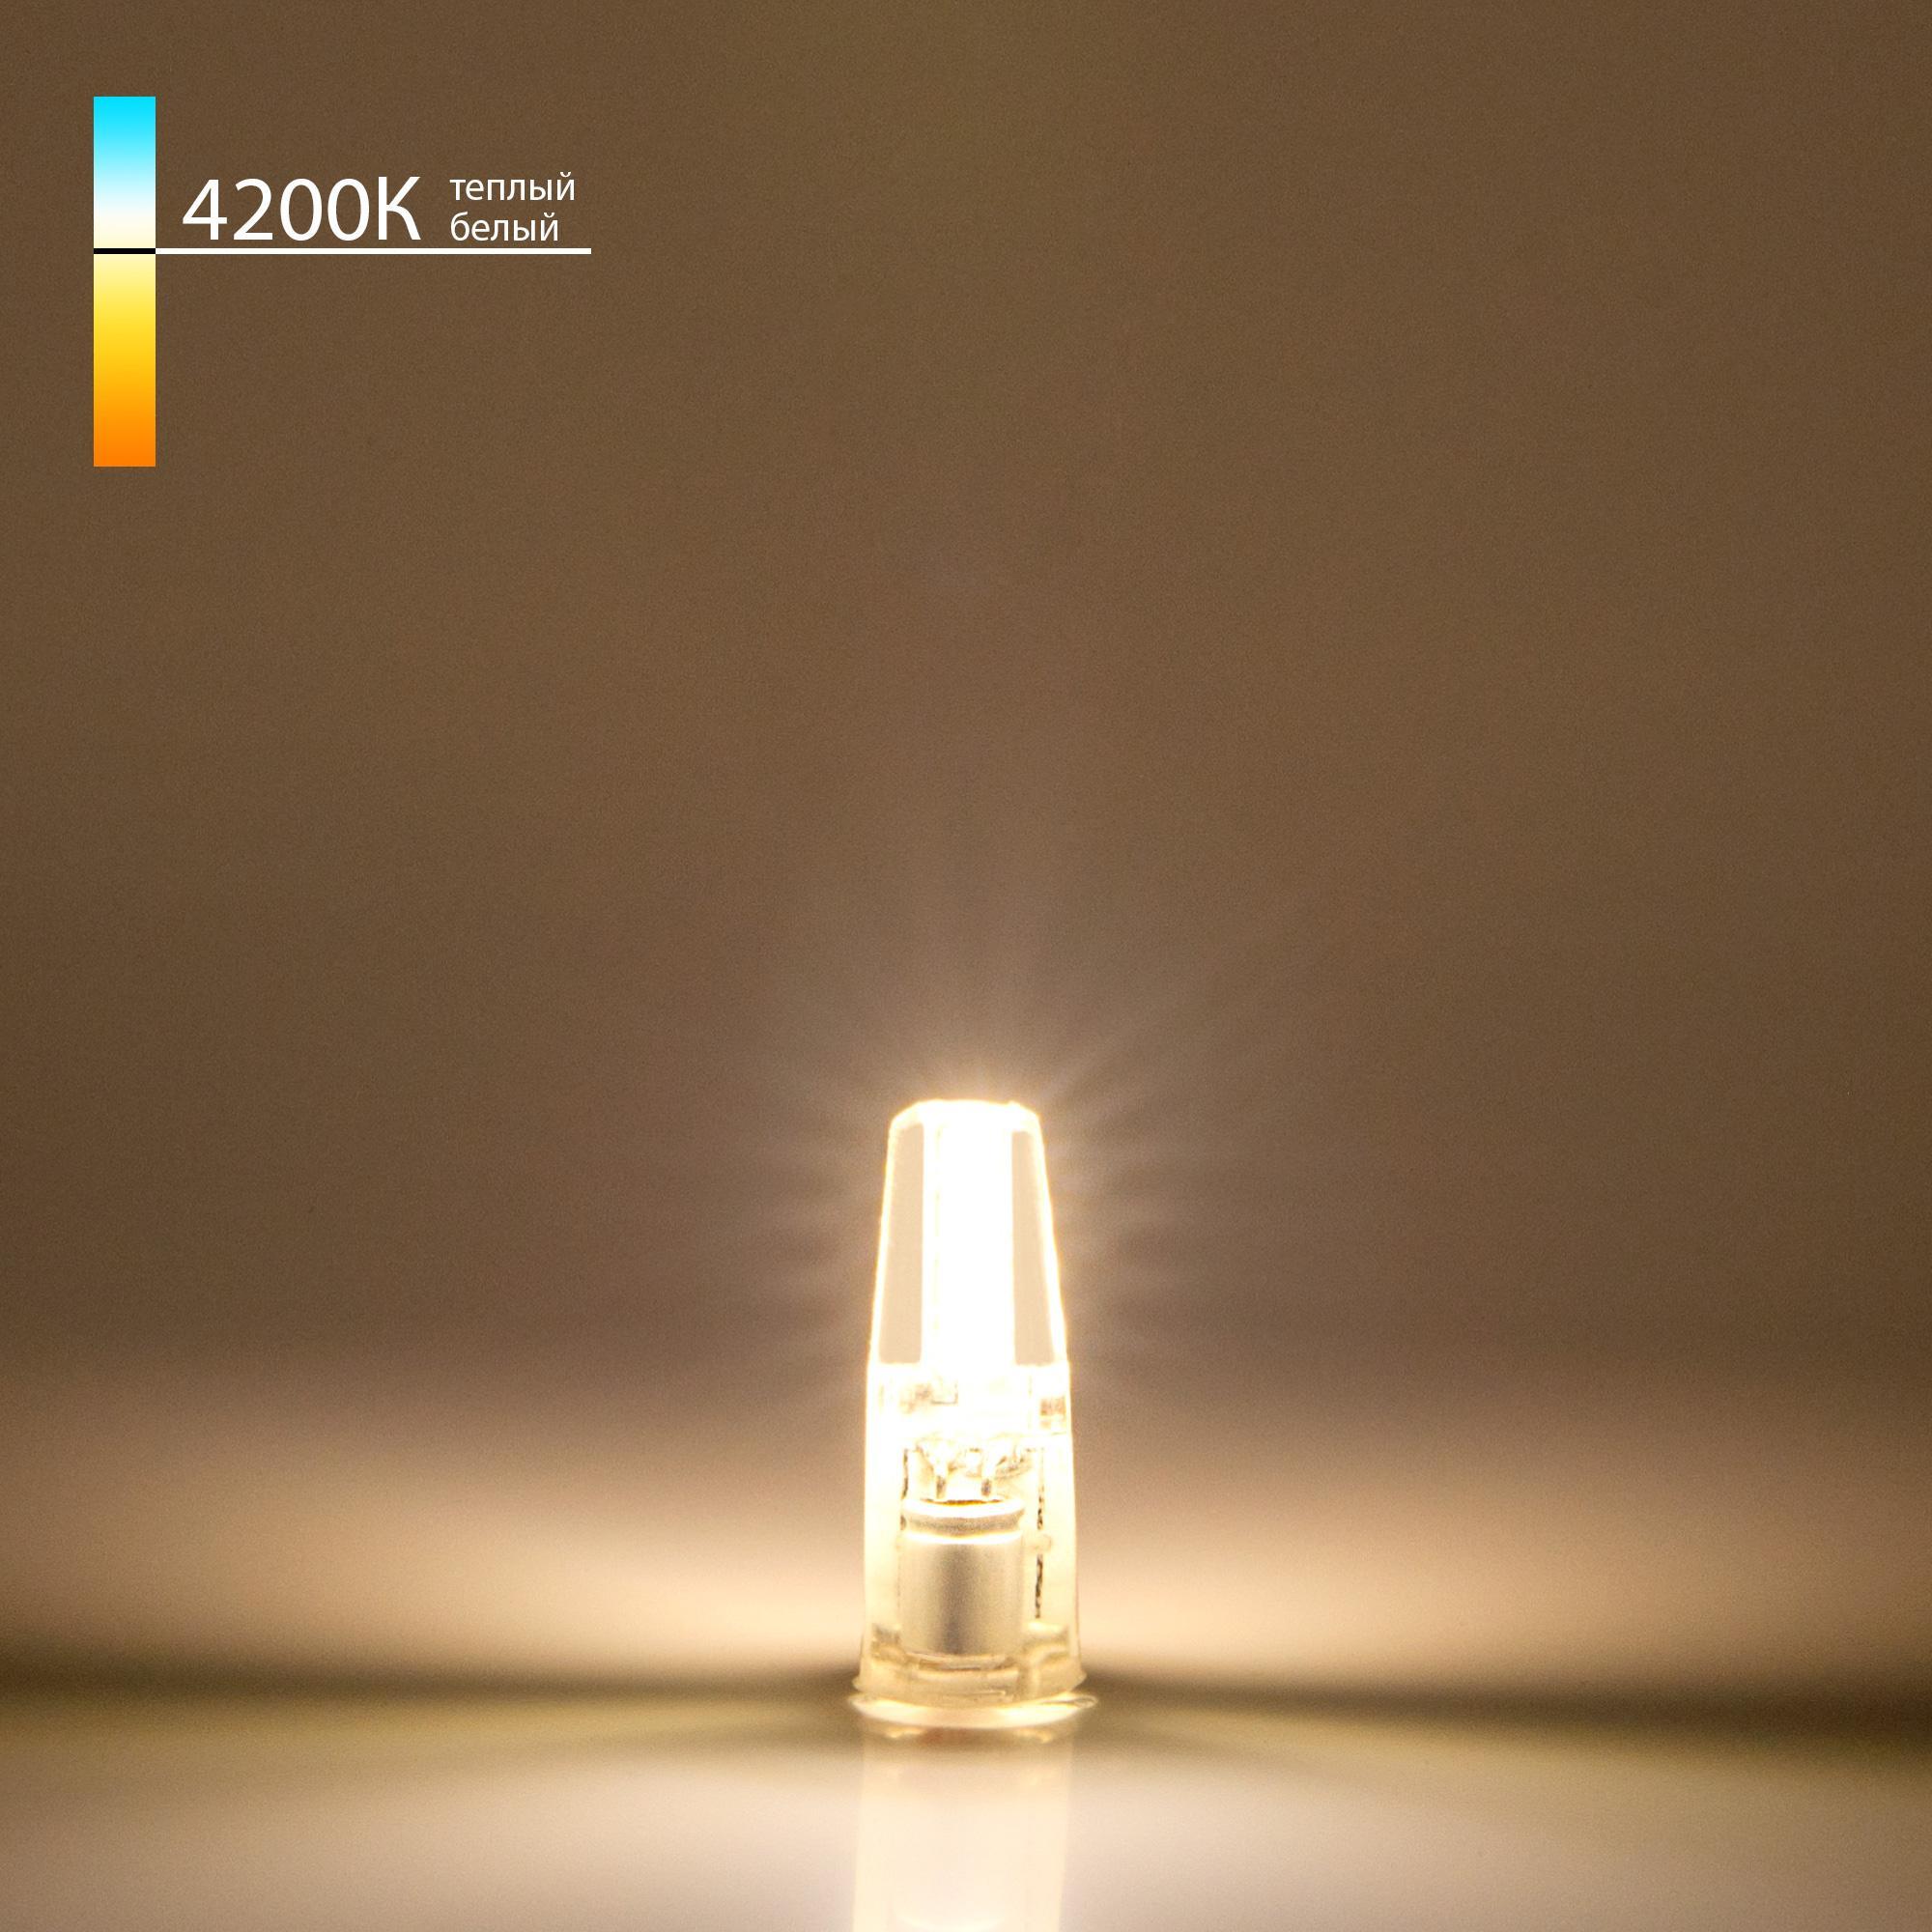 G4 LED BL126 3W 12V 360° 4200K